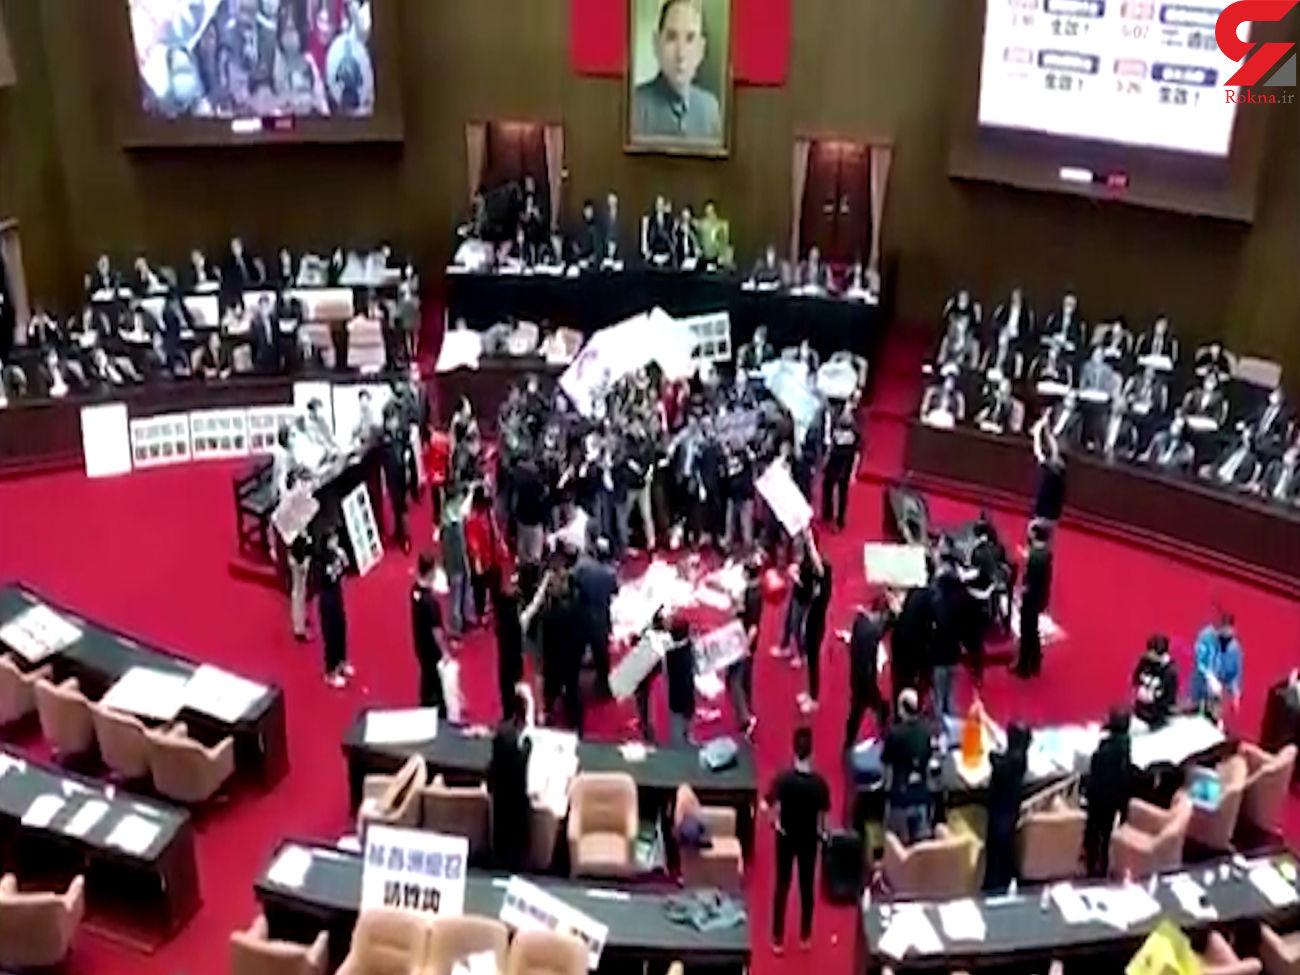 کتک کاری در مجلس تایوان + فیلم و عکس